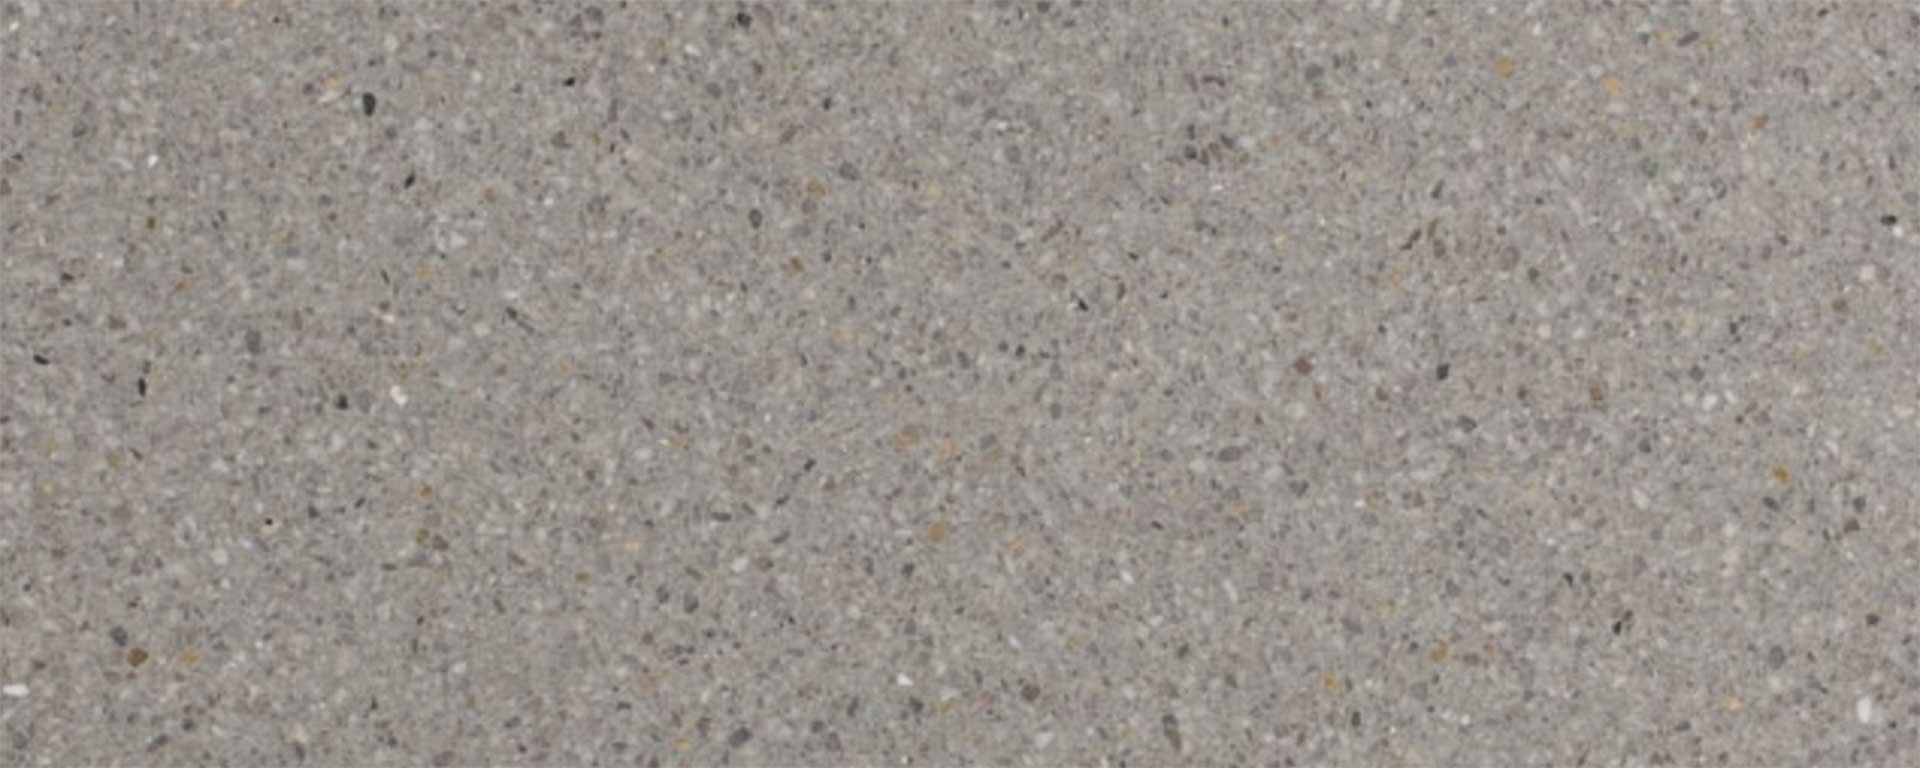 MMDA-012-terrazzo-marmo-cemento